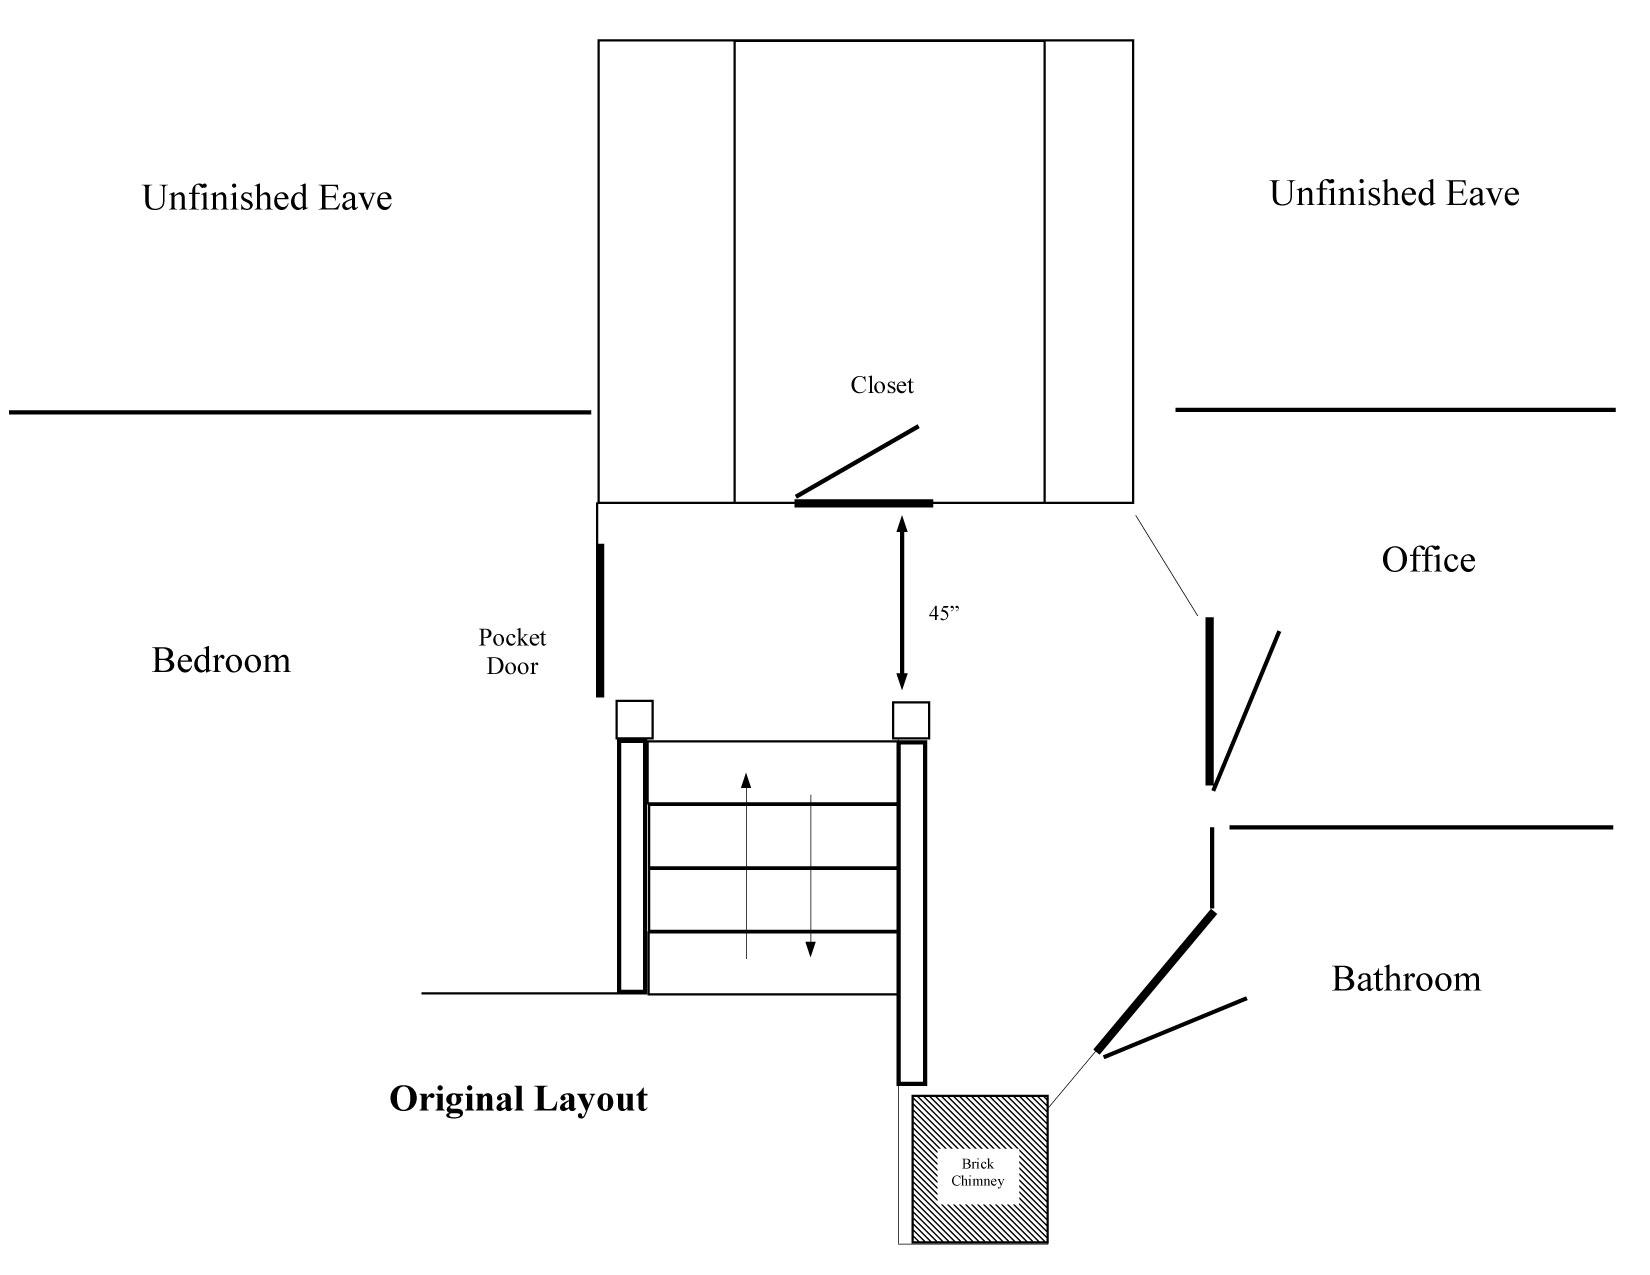 Door Landing Code & Stairway Diagram